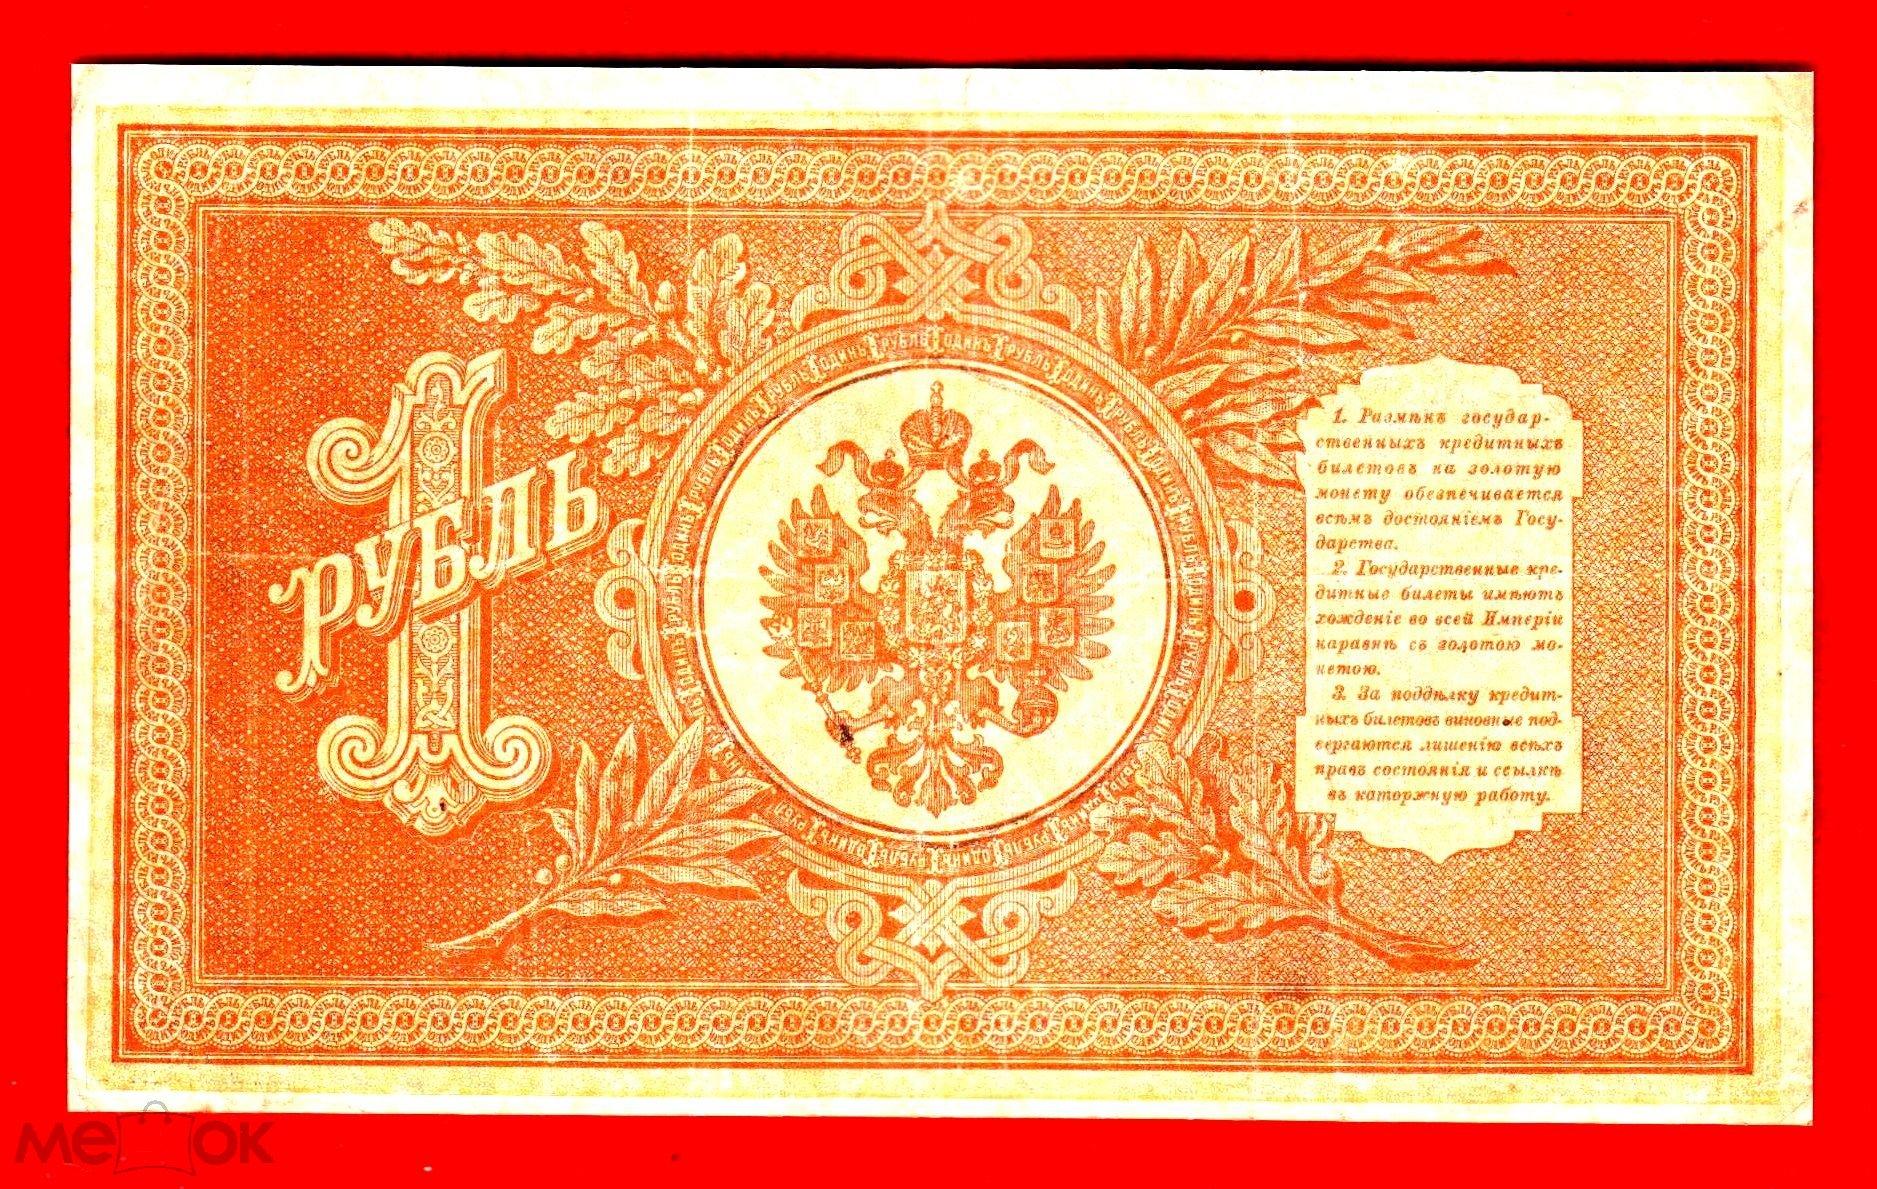 Россия, 1 рубль, 1898 (Советский выпуск), Шипов – Лошкин, VF+, НБ-396, W